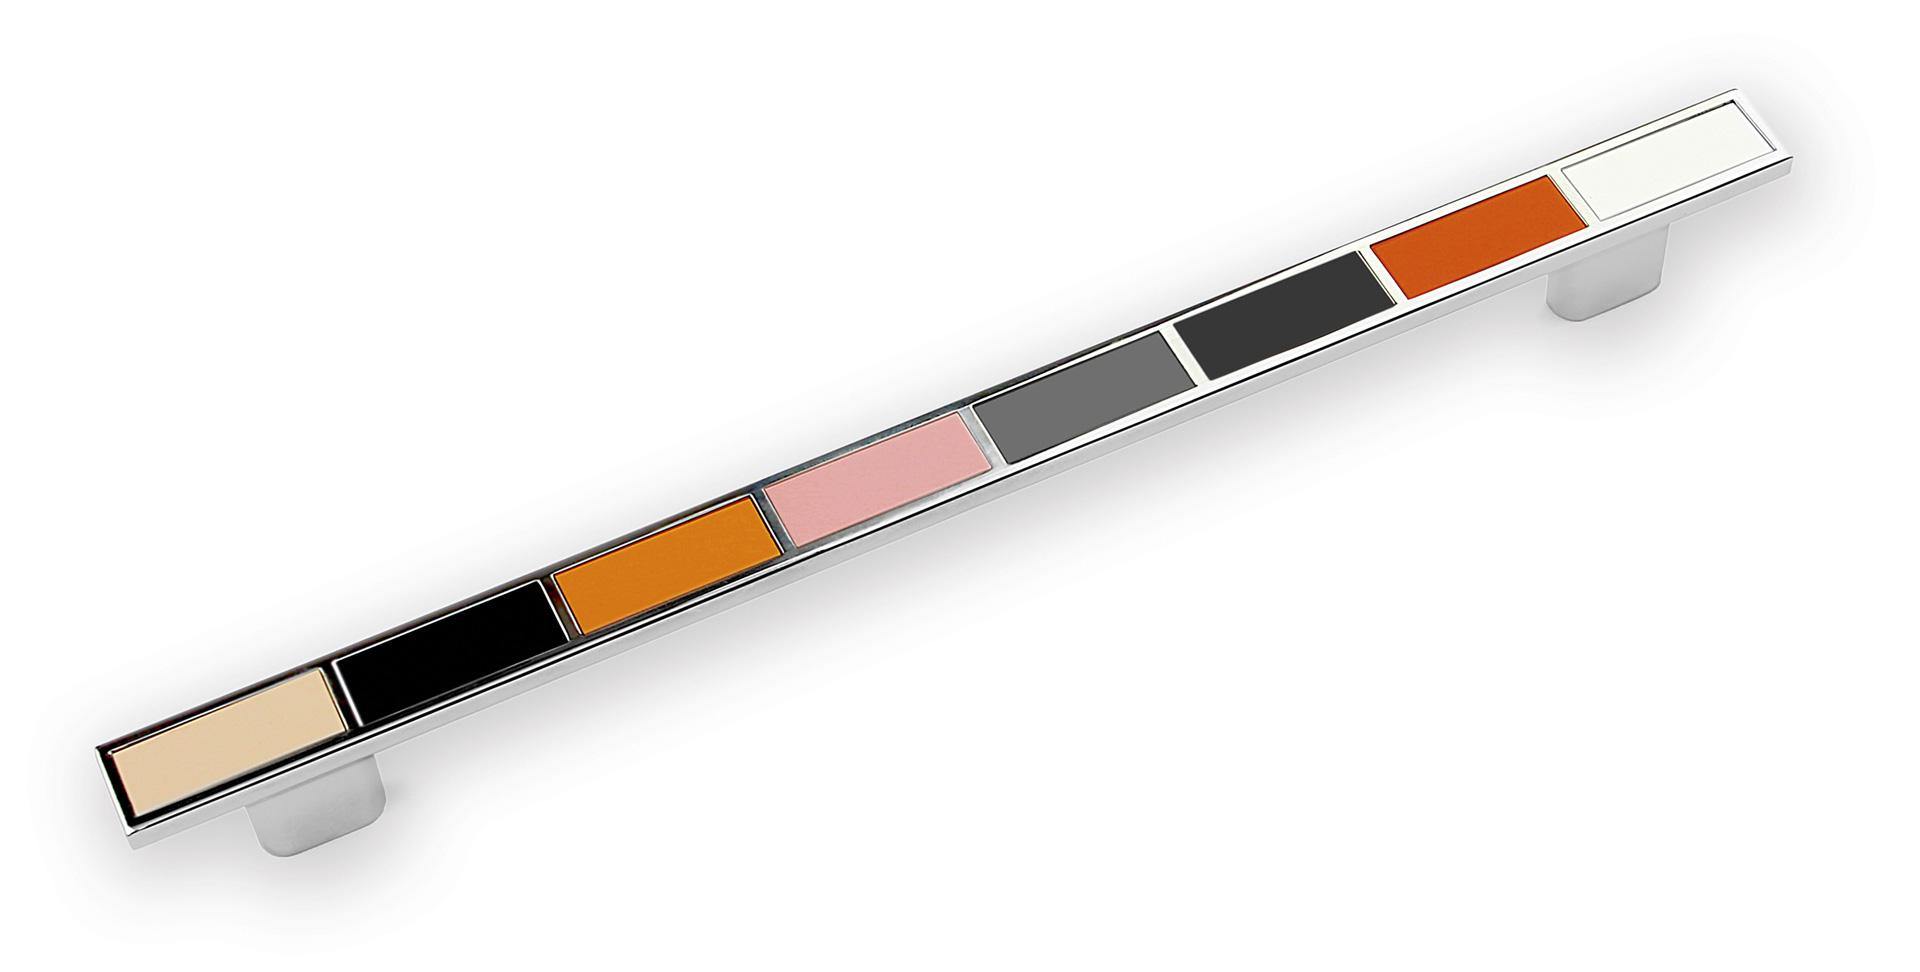 44f8273a6d848fb2804eae7ebd9b85c3 Мебельная ручка – маленький элемент, определяющий стиль всего изделия